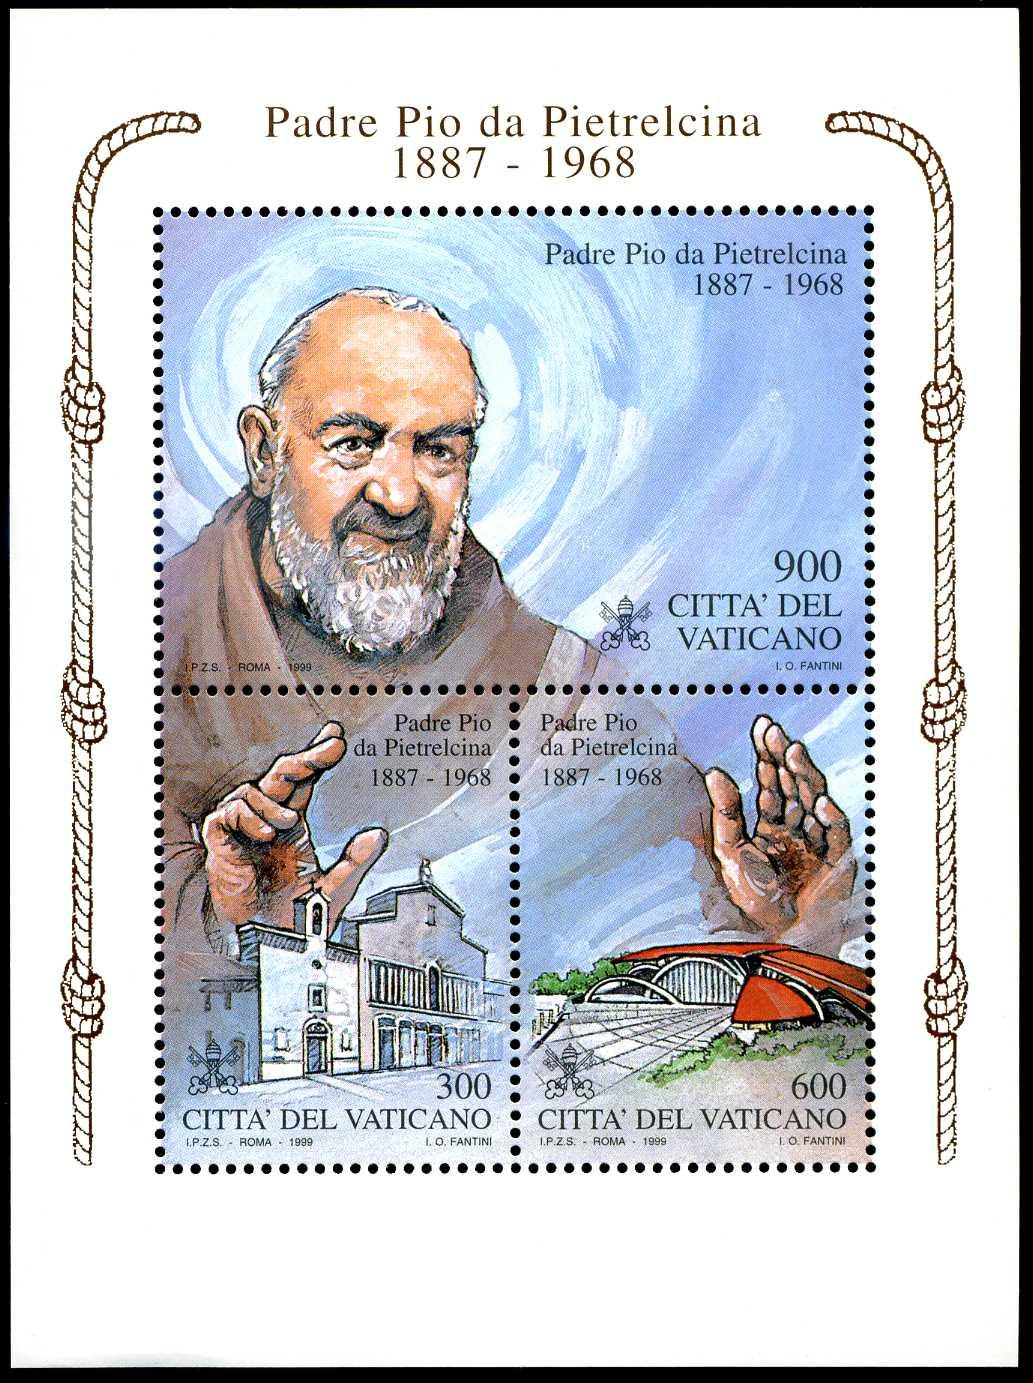 VA 326 1999 Padre Pio 1800.jpg